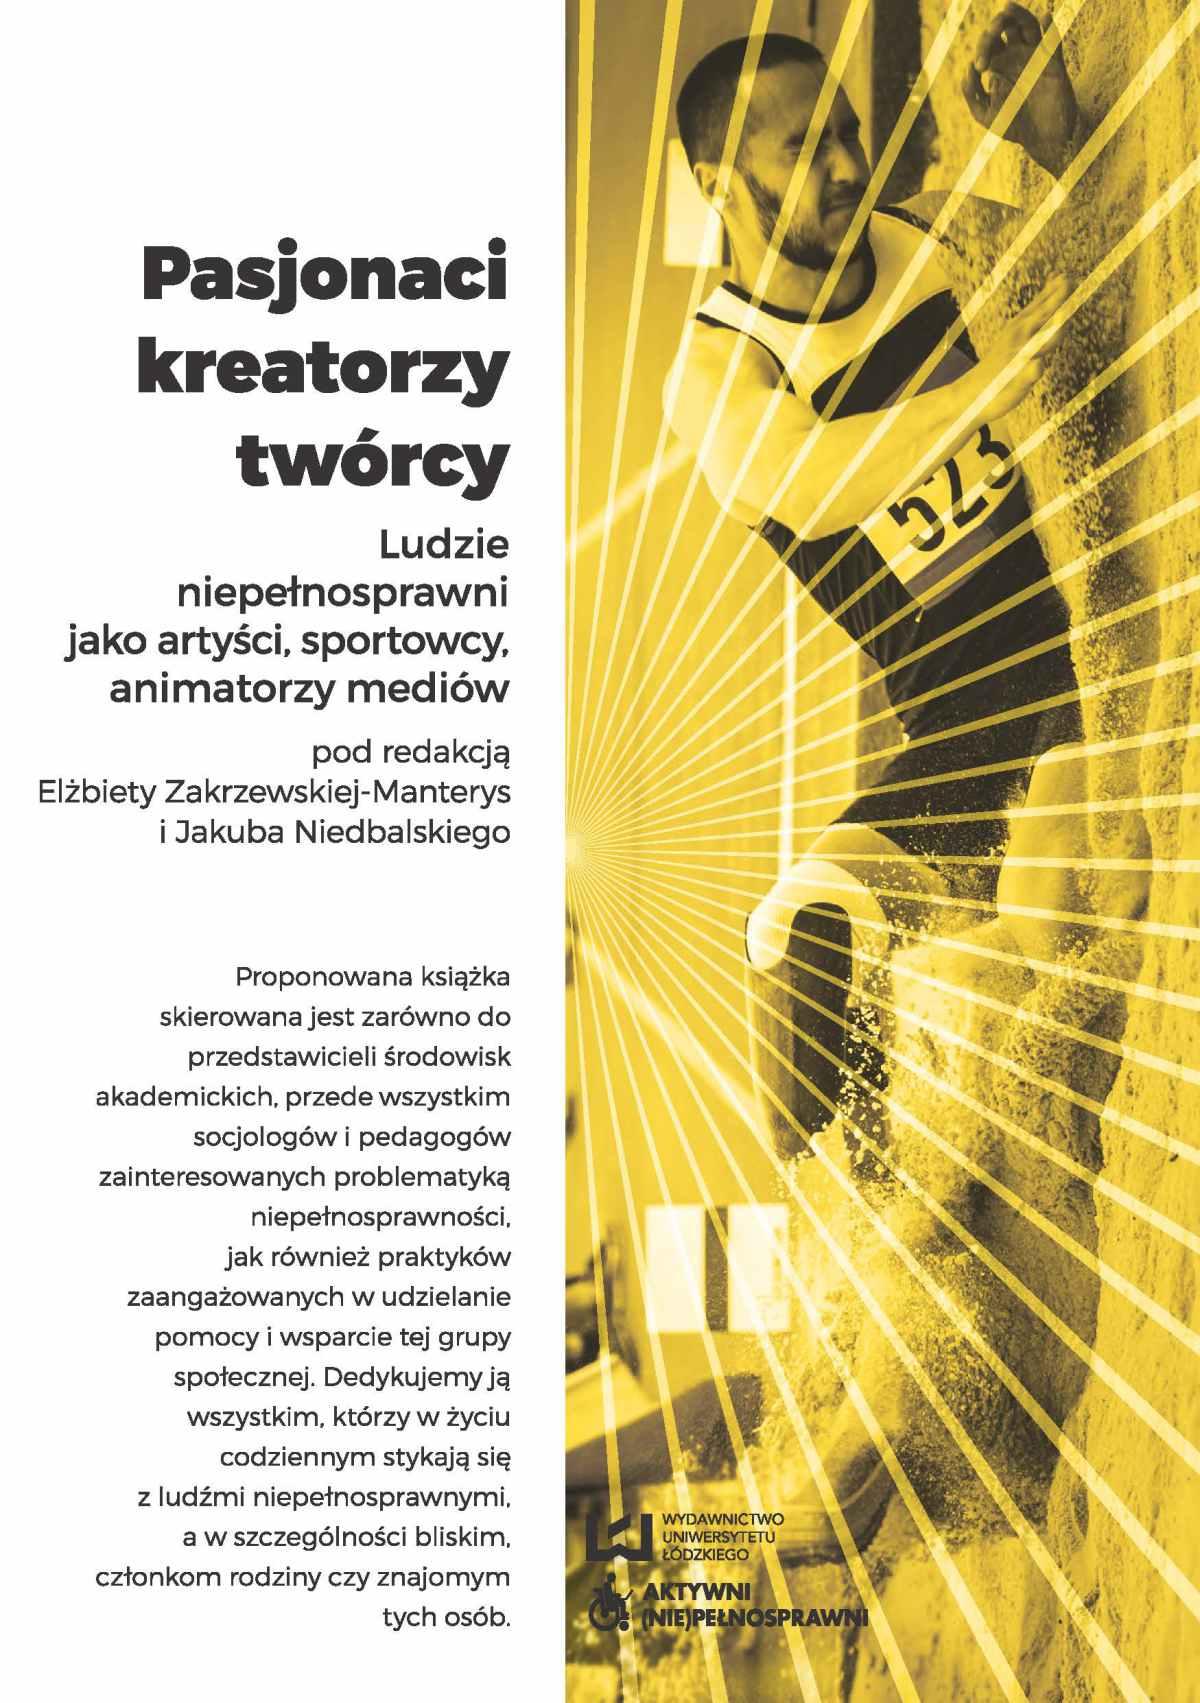 Pasjonaci, kreatorzy, twórcy. Ludzie niepełnosprawni jako artyści, sportowcy, animatorzy mediów - Ebook (Książka PDF) do pobrania w formacie PDF